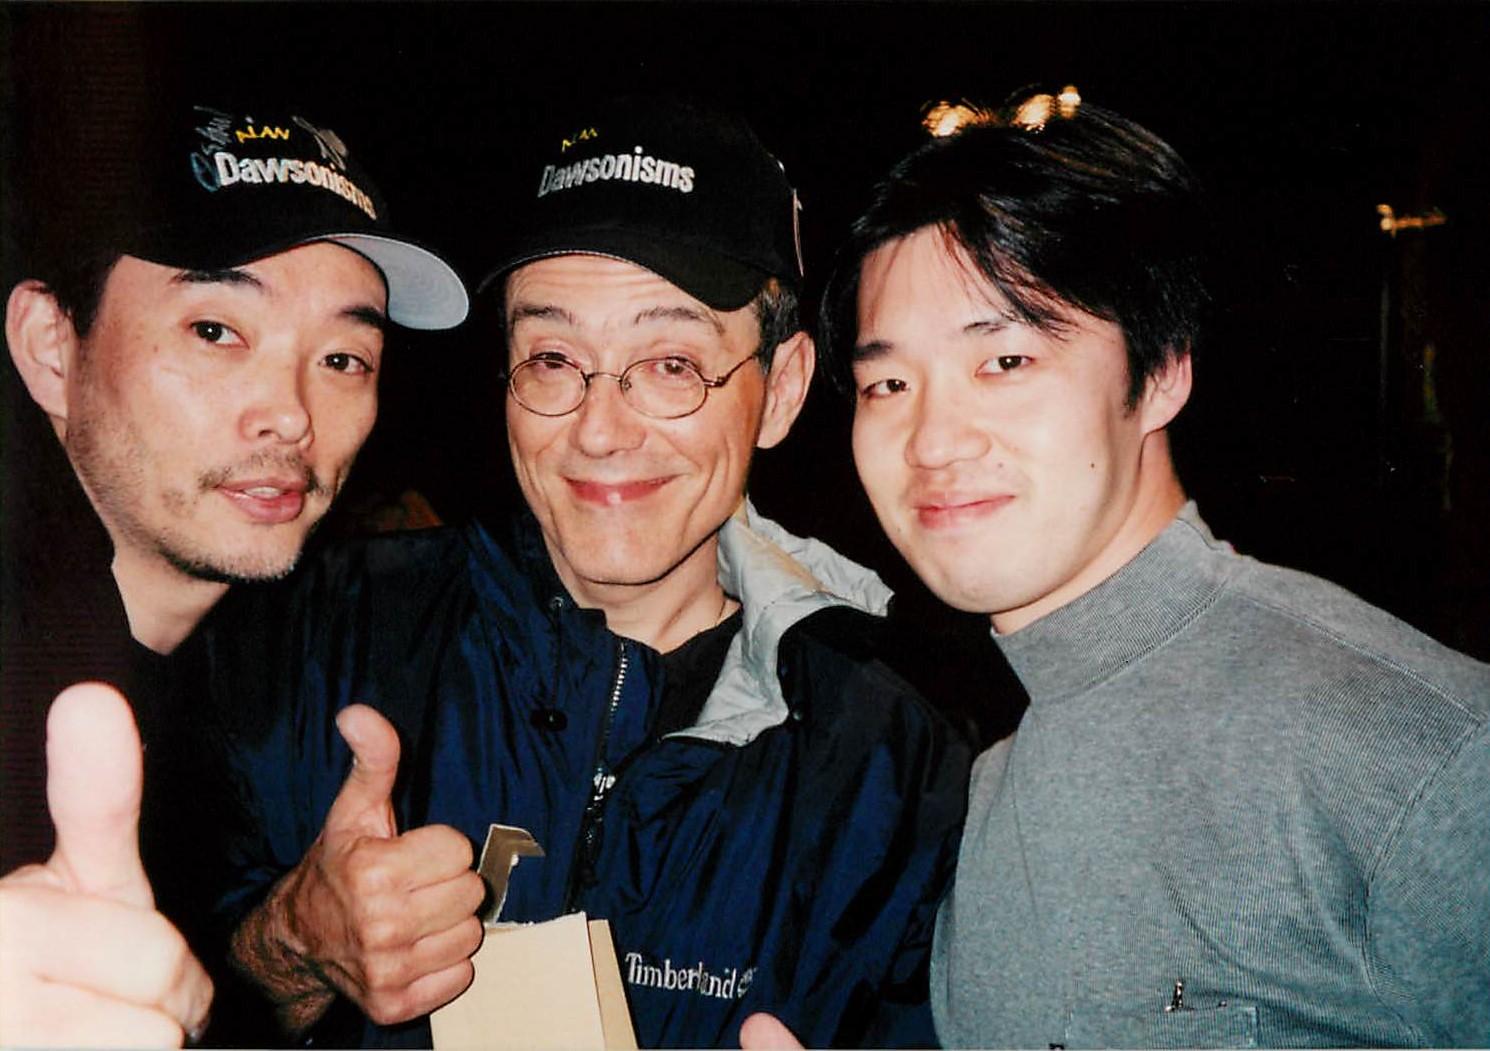 水野修身先生(左)、ヴィニー・カリウタ氏(中)、私(右)